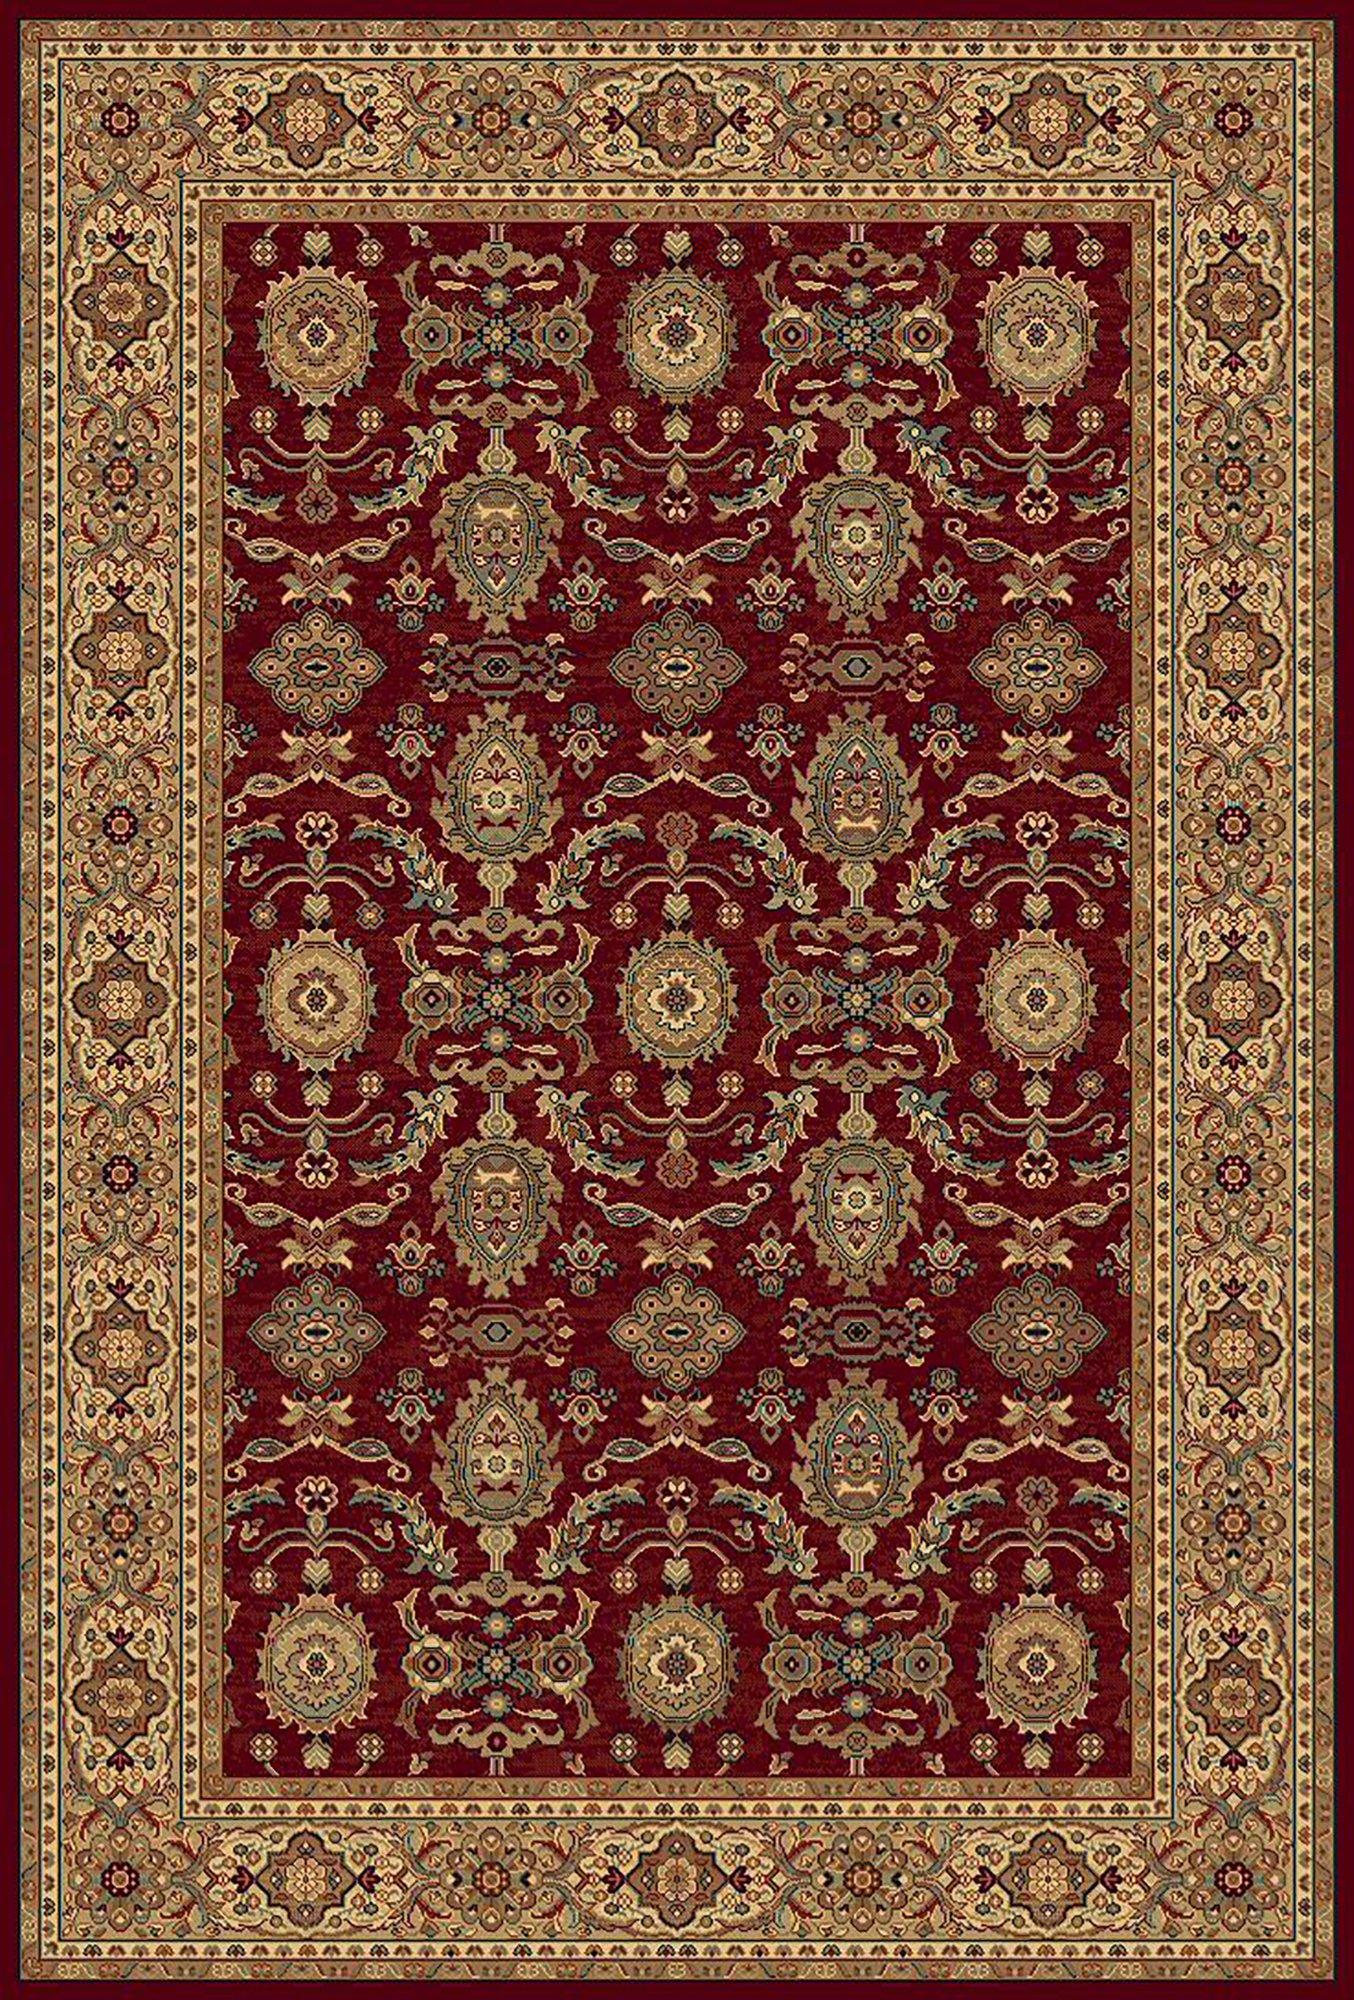 Image of Keshan Herati Rug - 70x140cm - Red.